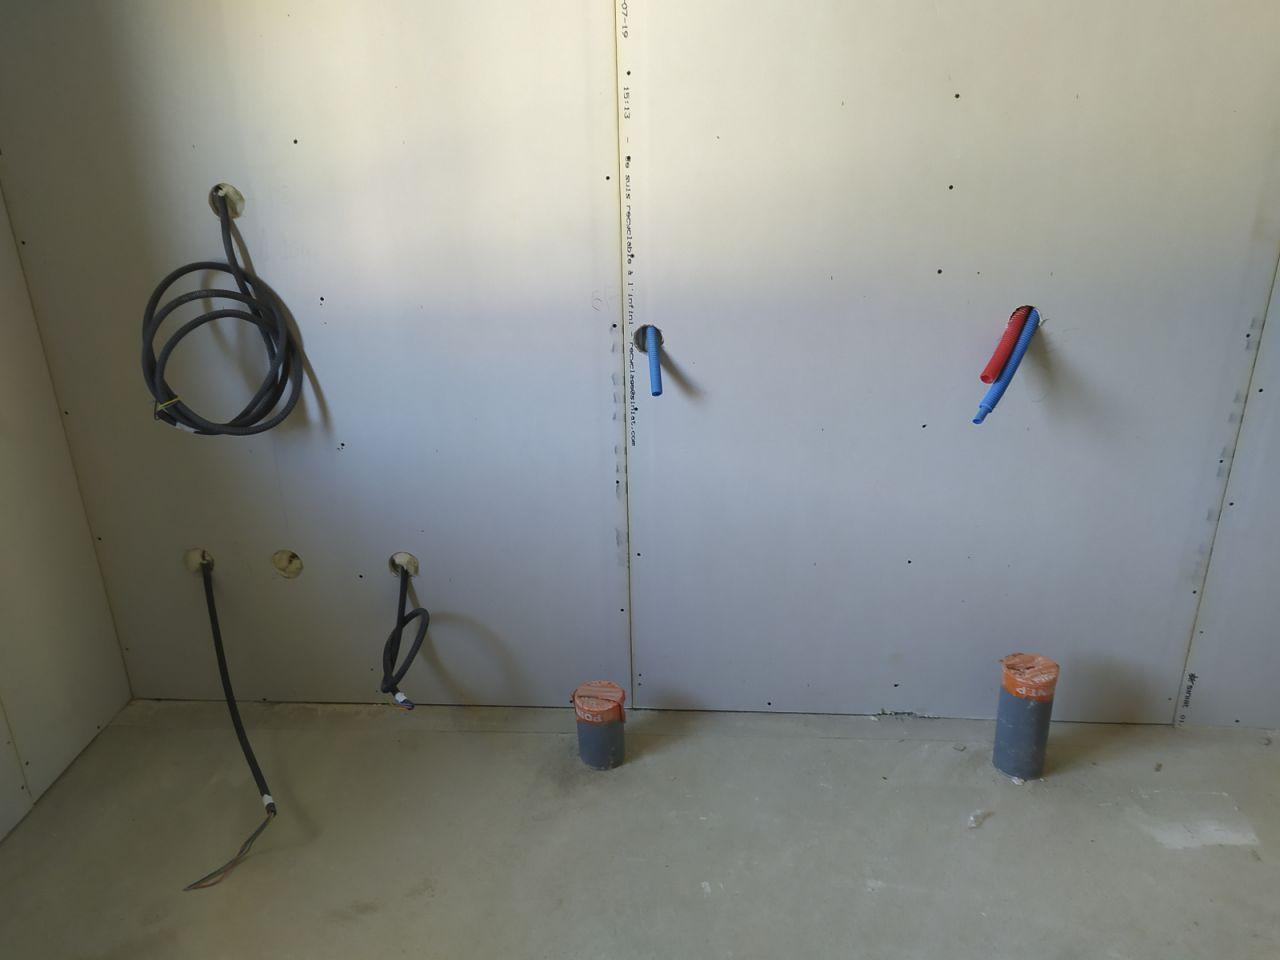 évacuations sortant de la dalle avant pose des coudes et réducteurs de diamètre